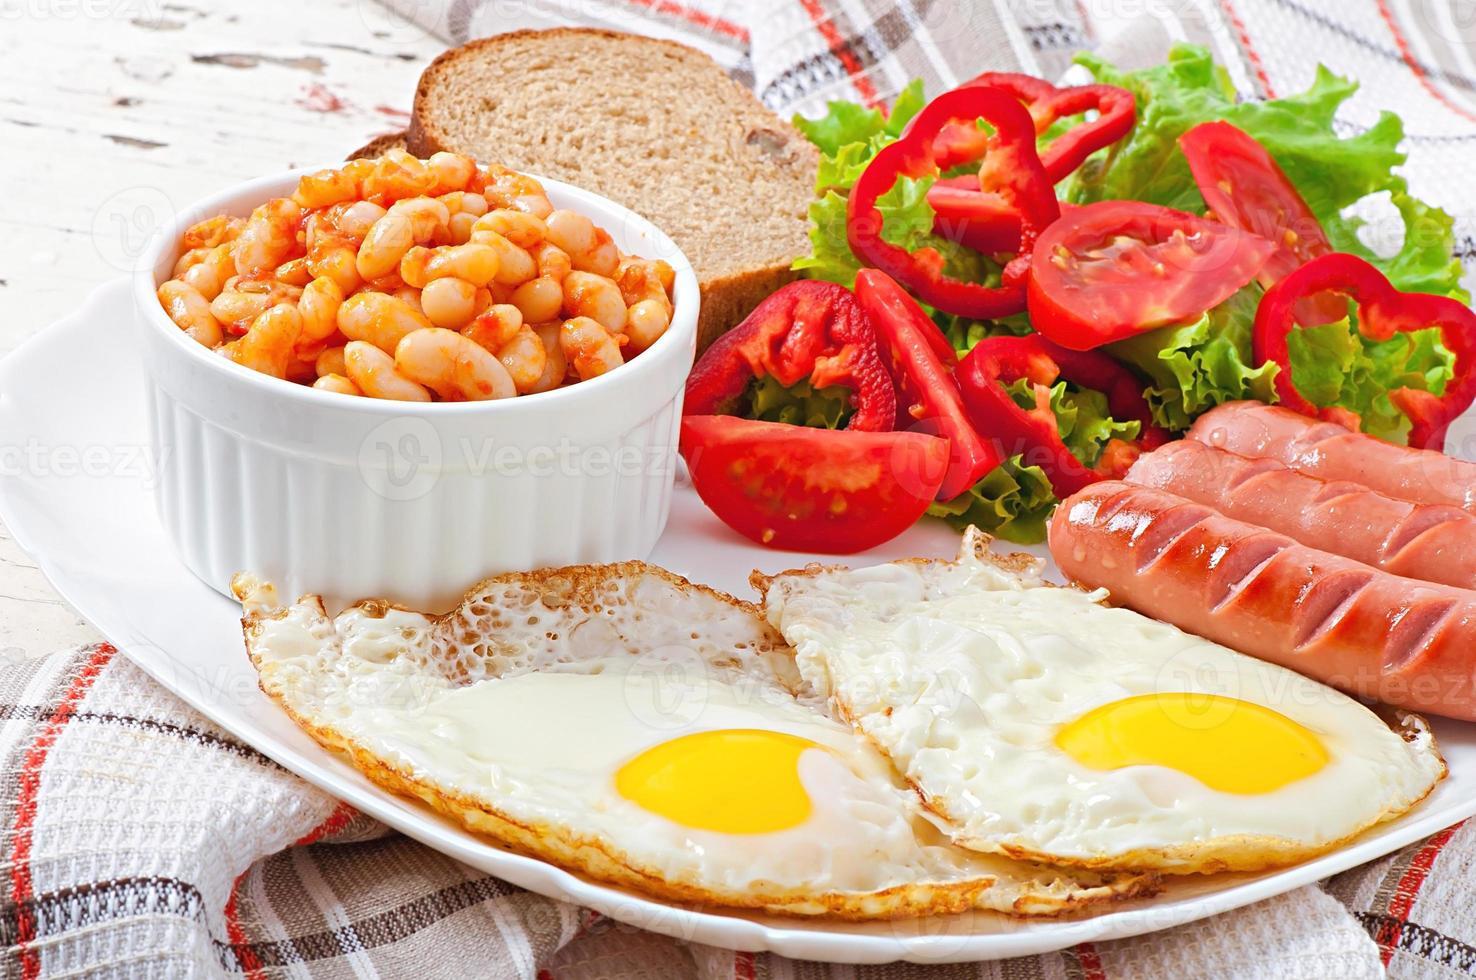 engelsk frukost - korv, ägg, bönor och sallad foto